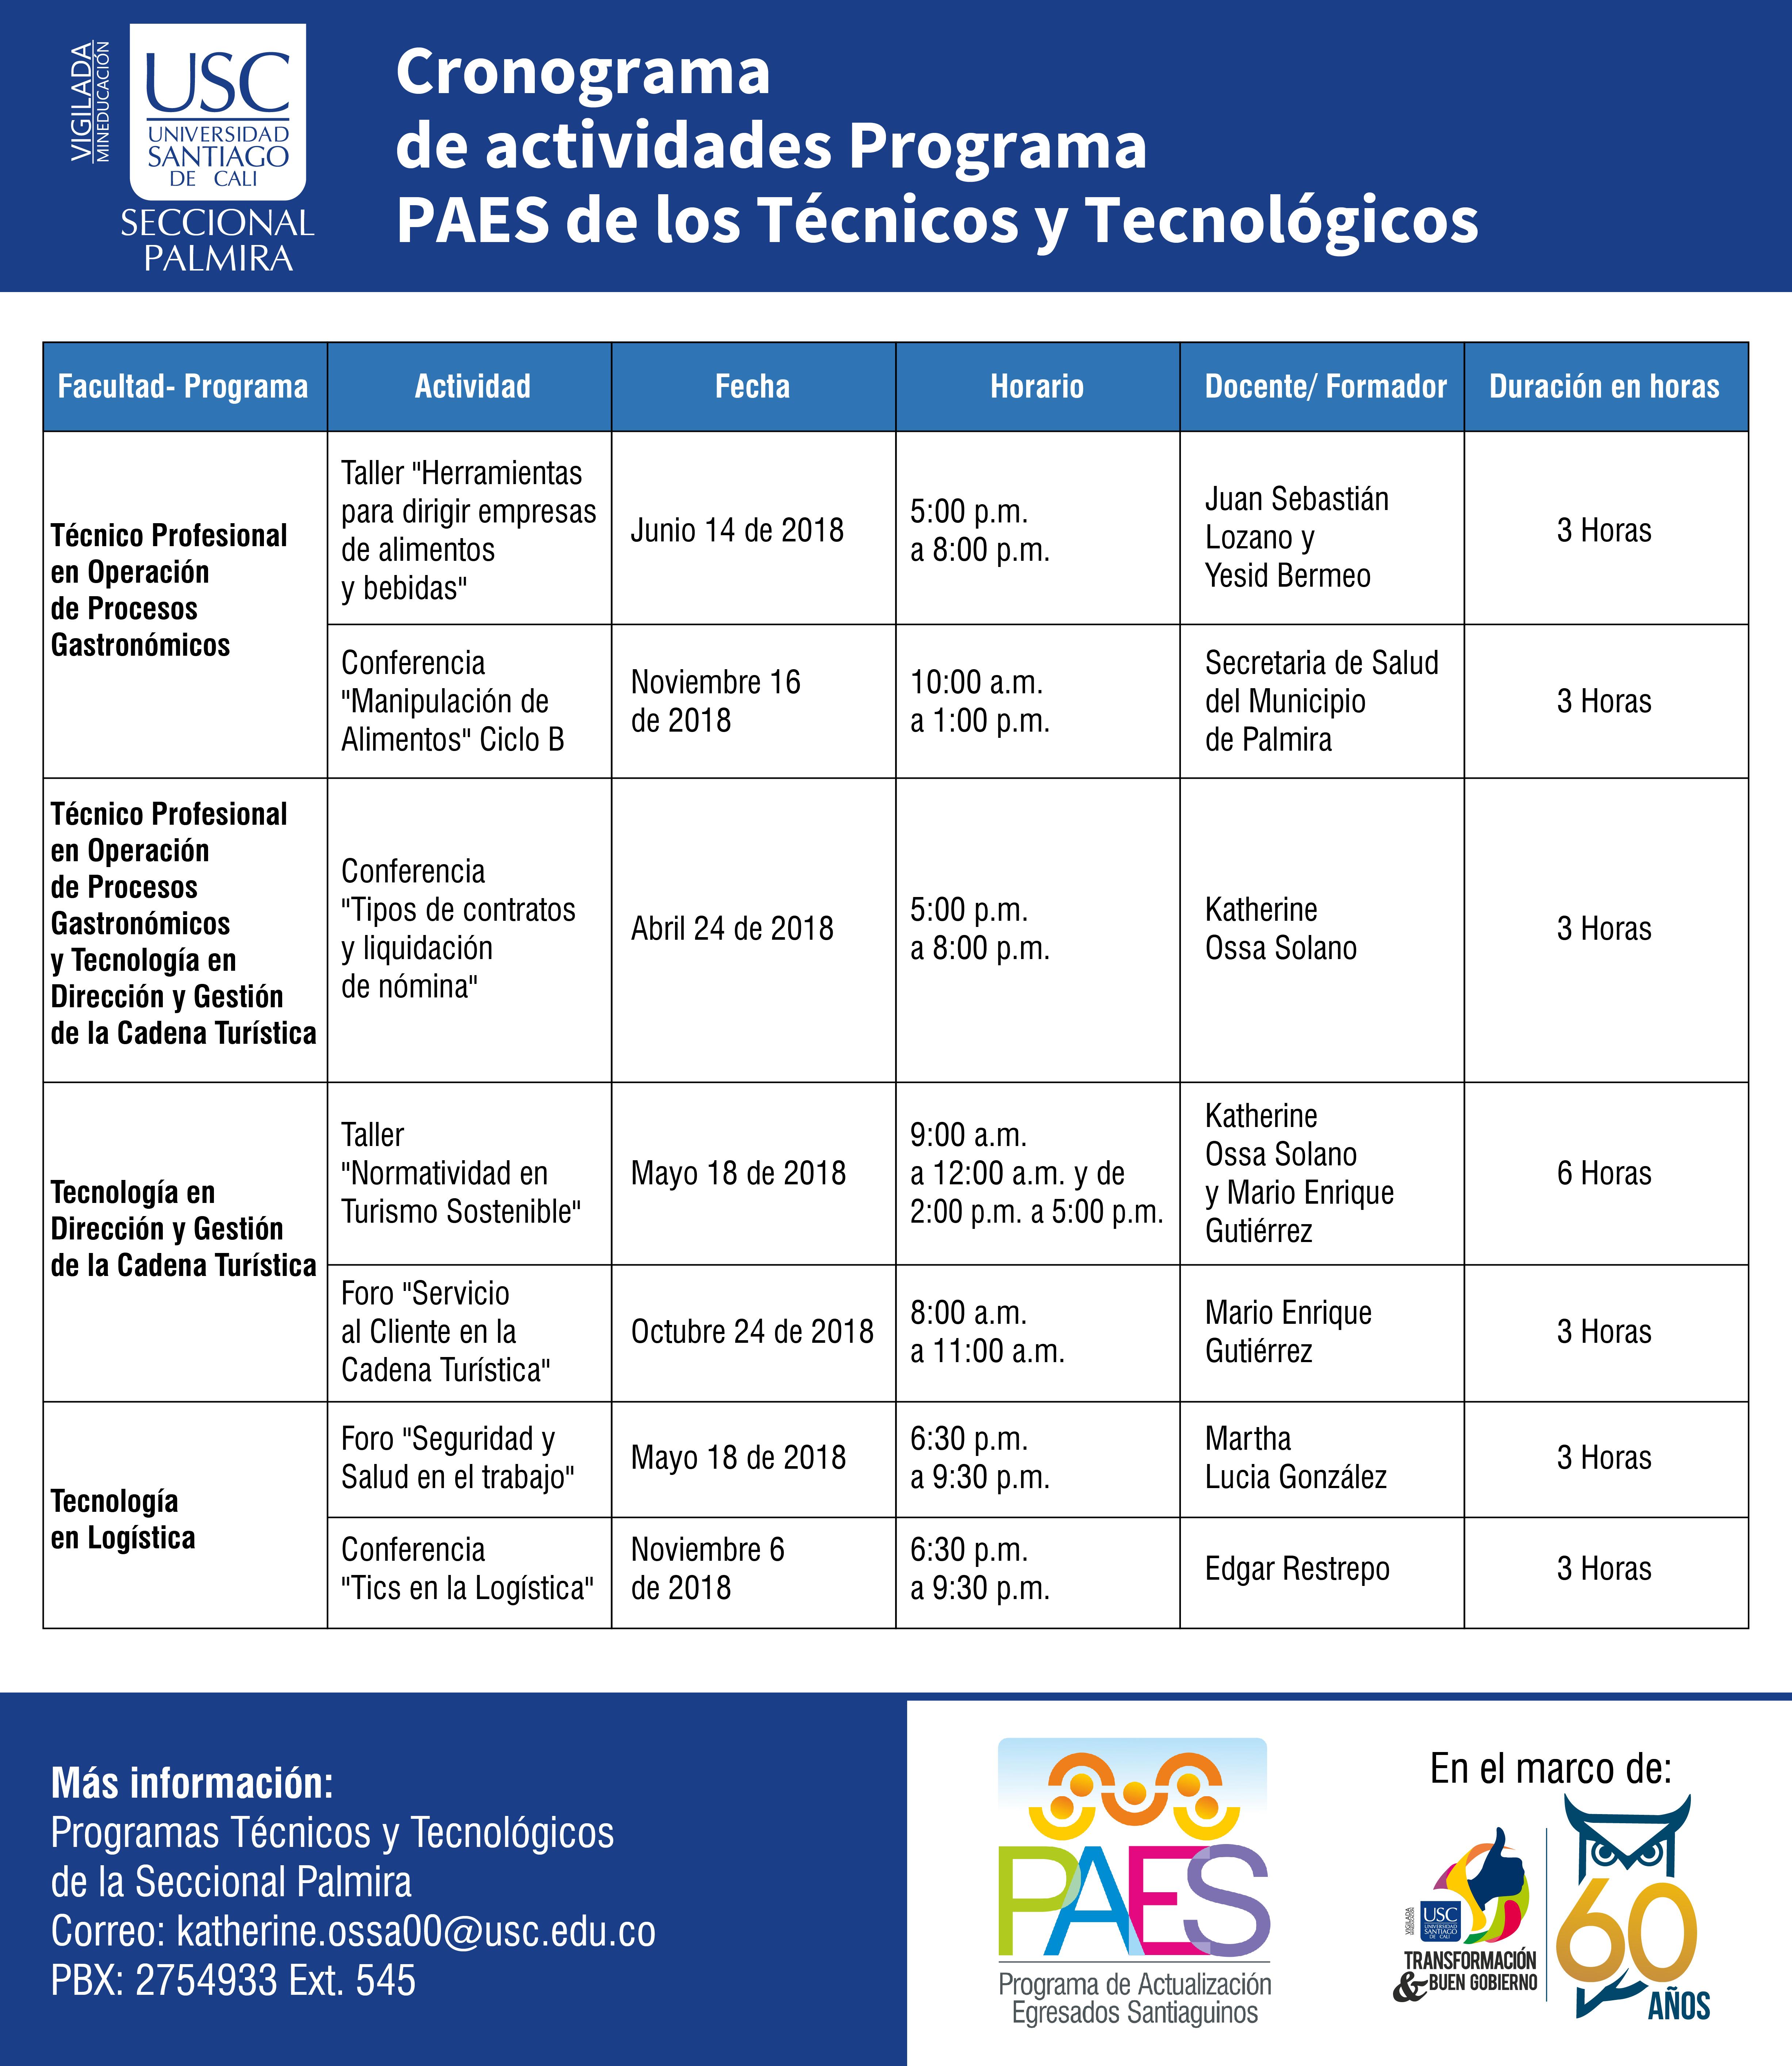 Cronograma De Actividades Programa PAES De Los T Y T 02